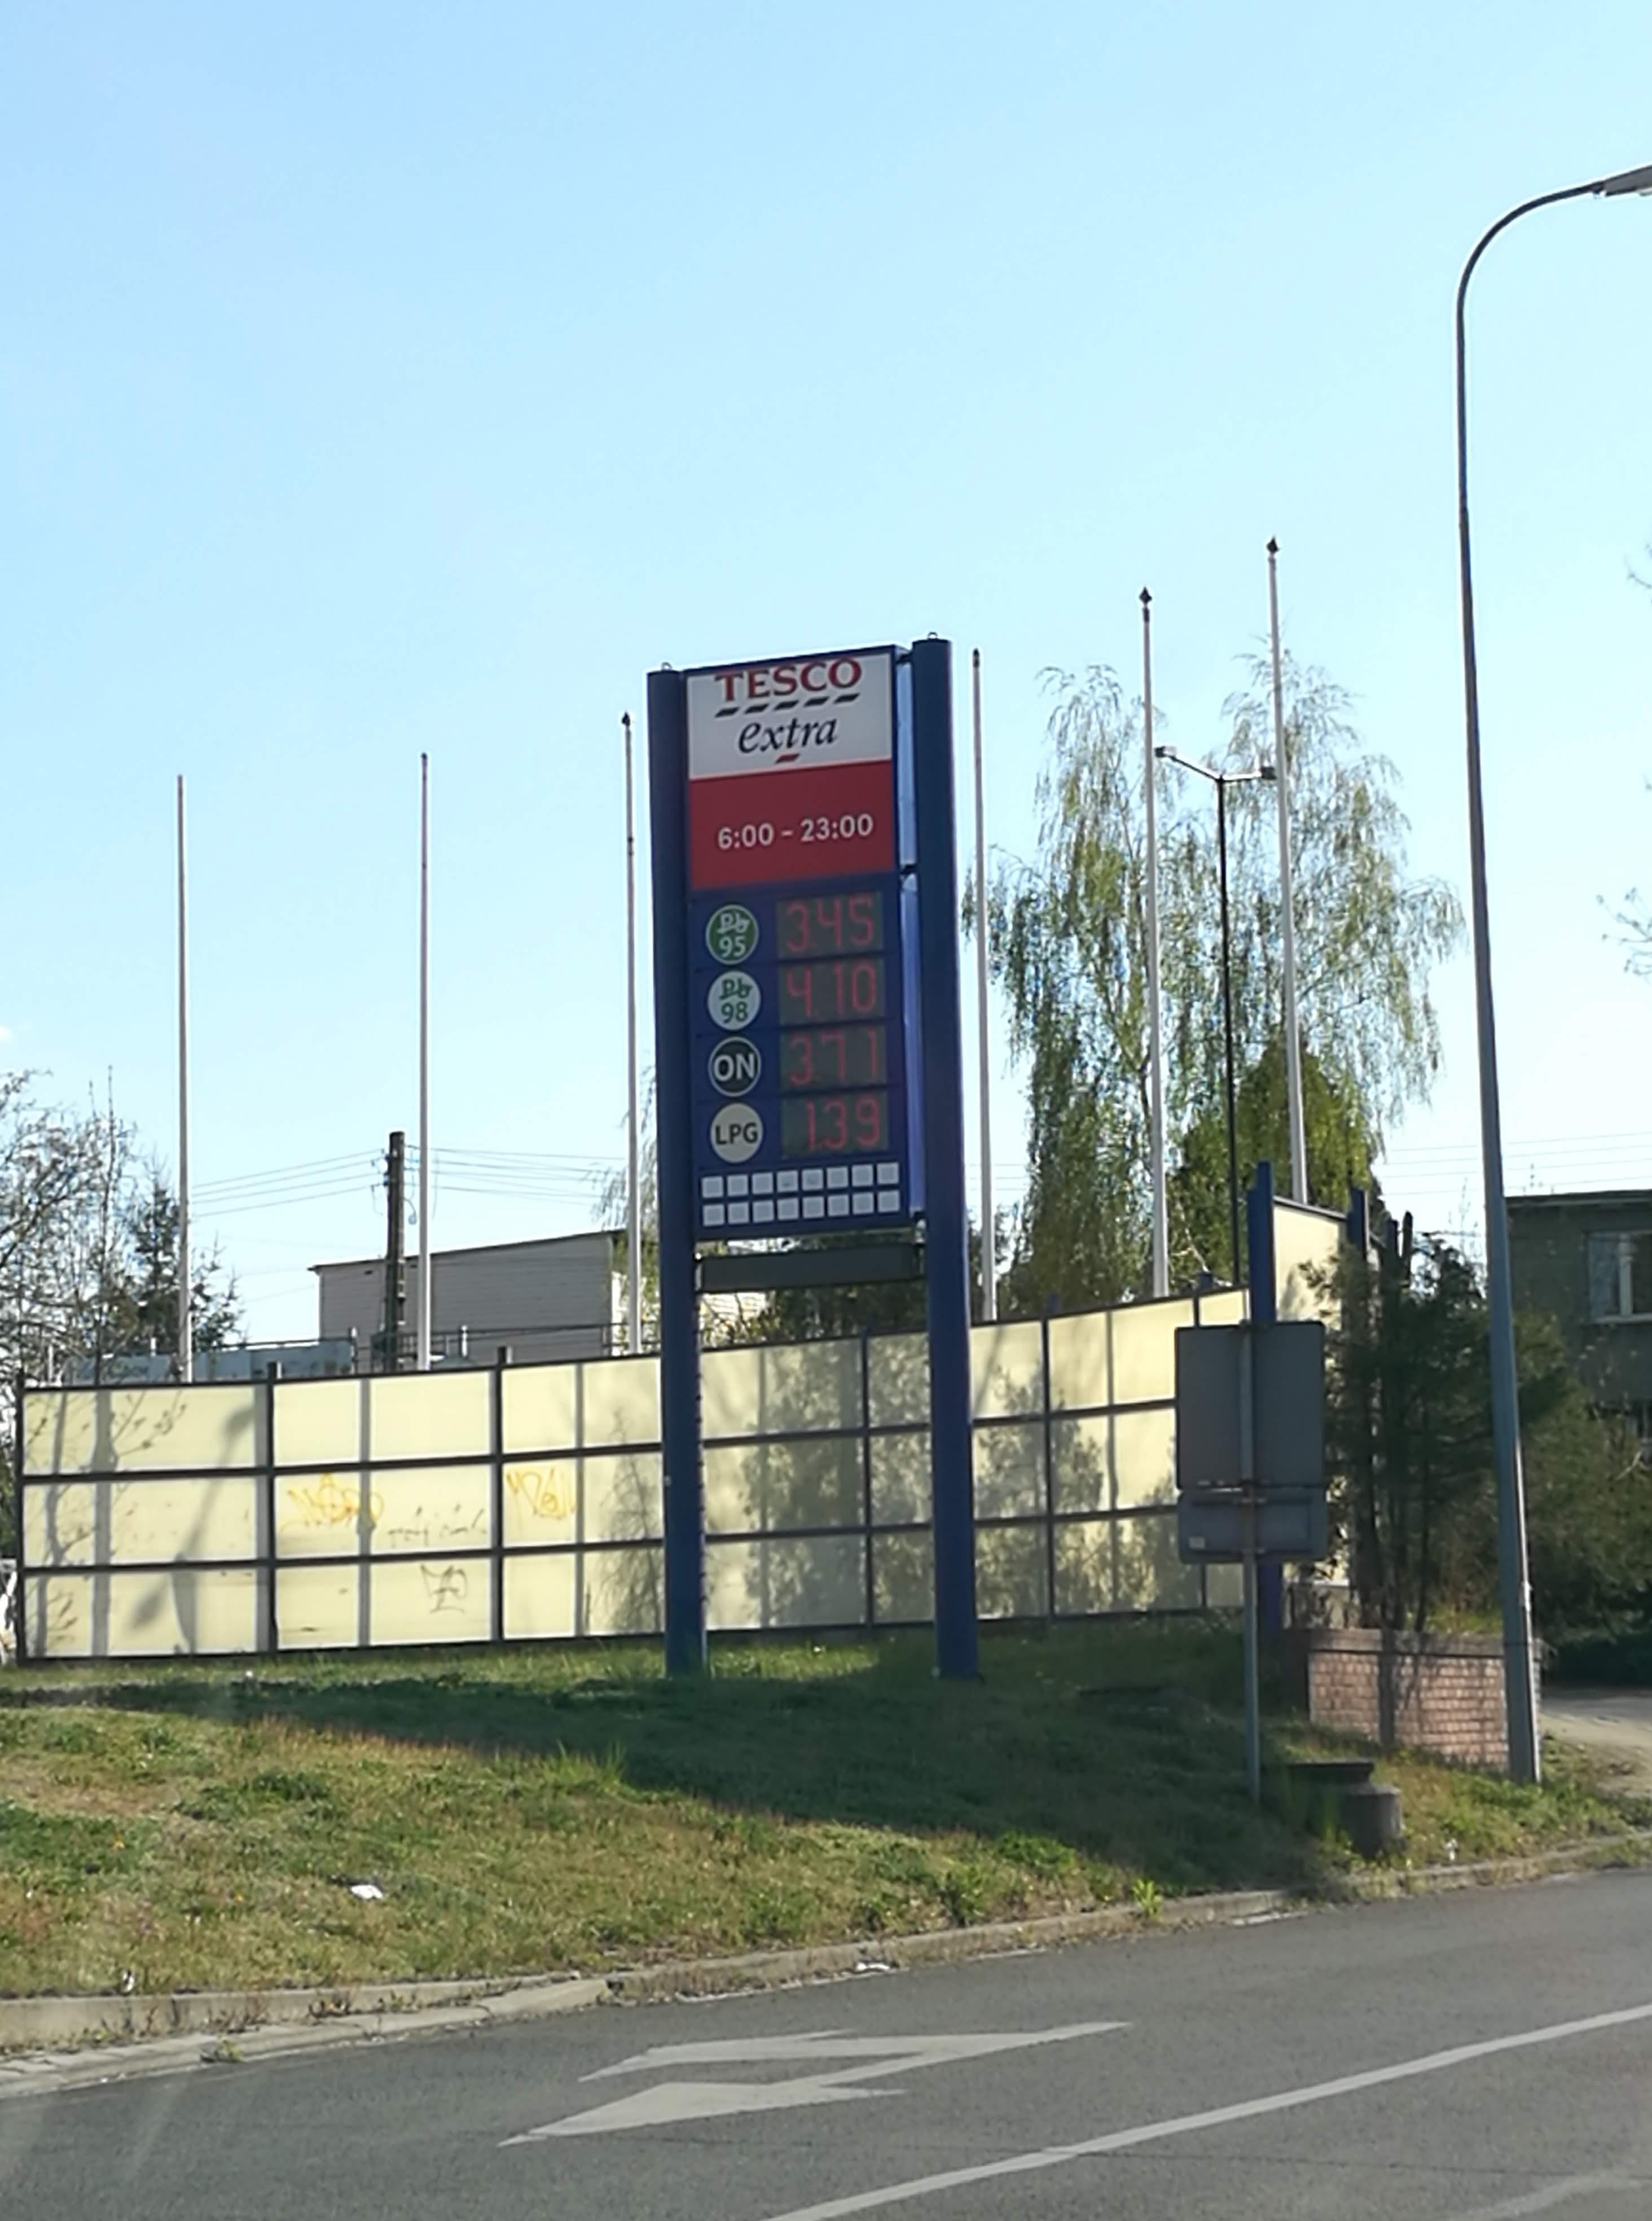 1,37zł LPG gaz, 3,40zł Pb95 benzyna, 3,55 ON diesel w Tesco Gliwice